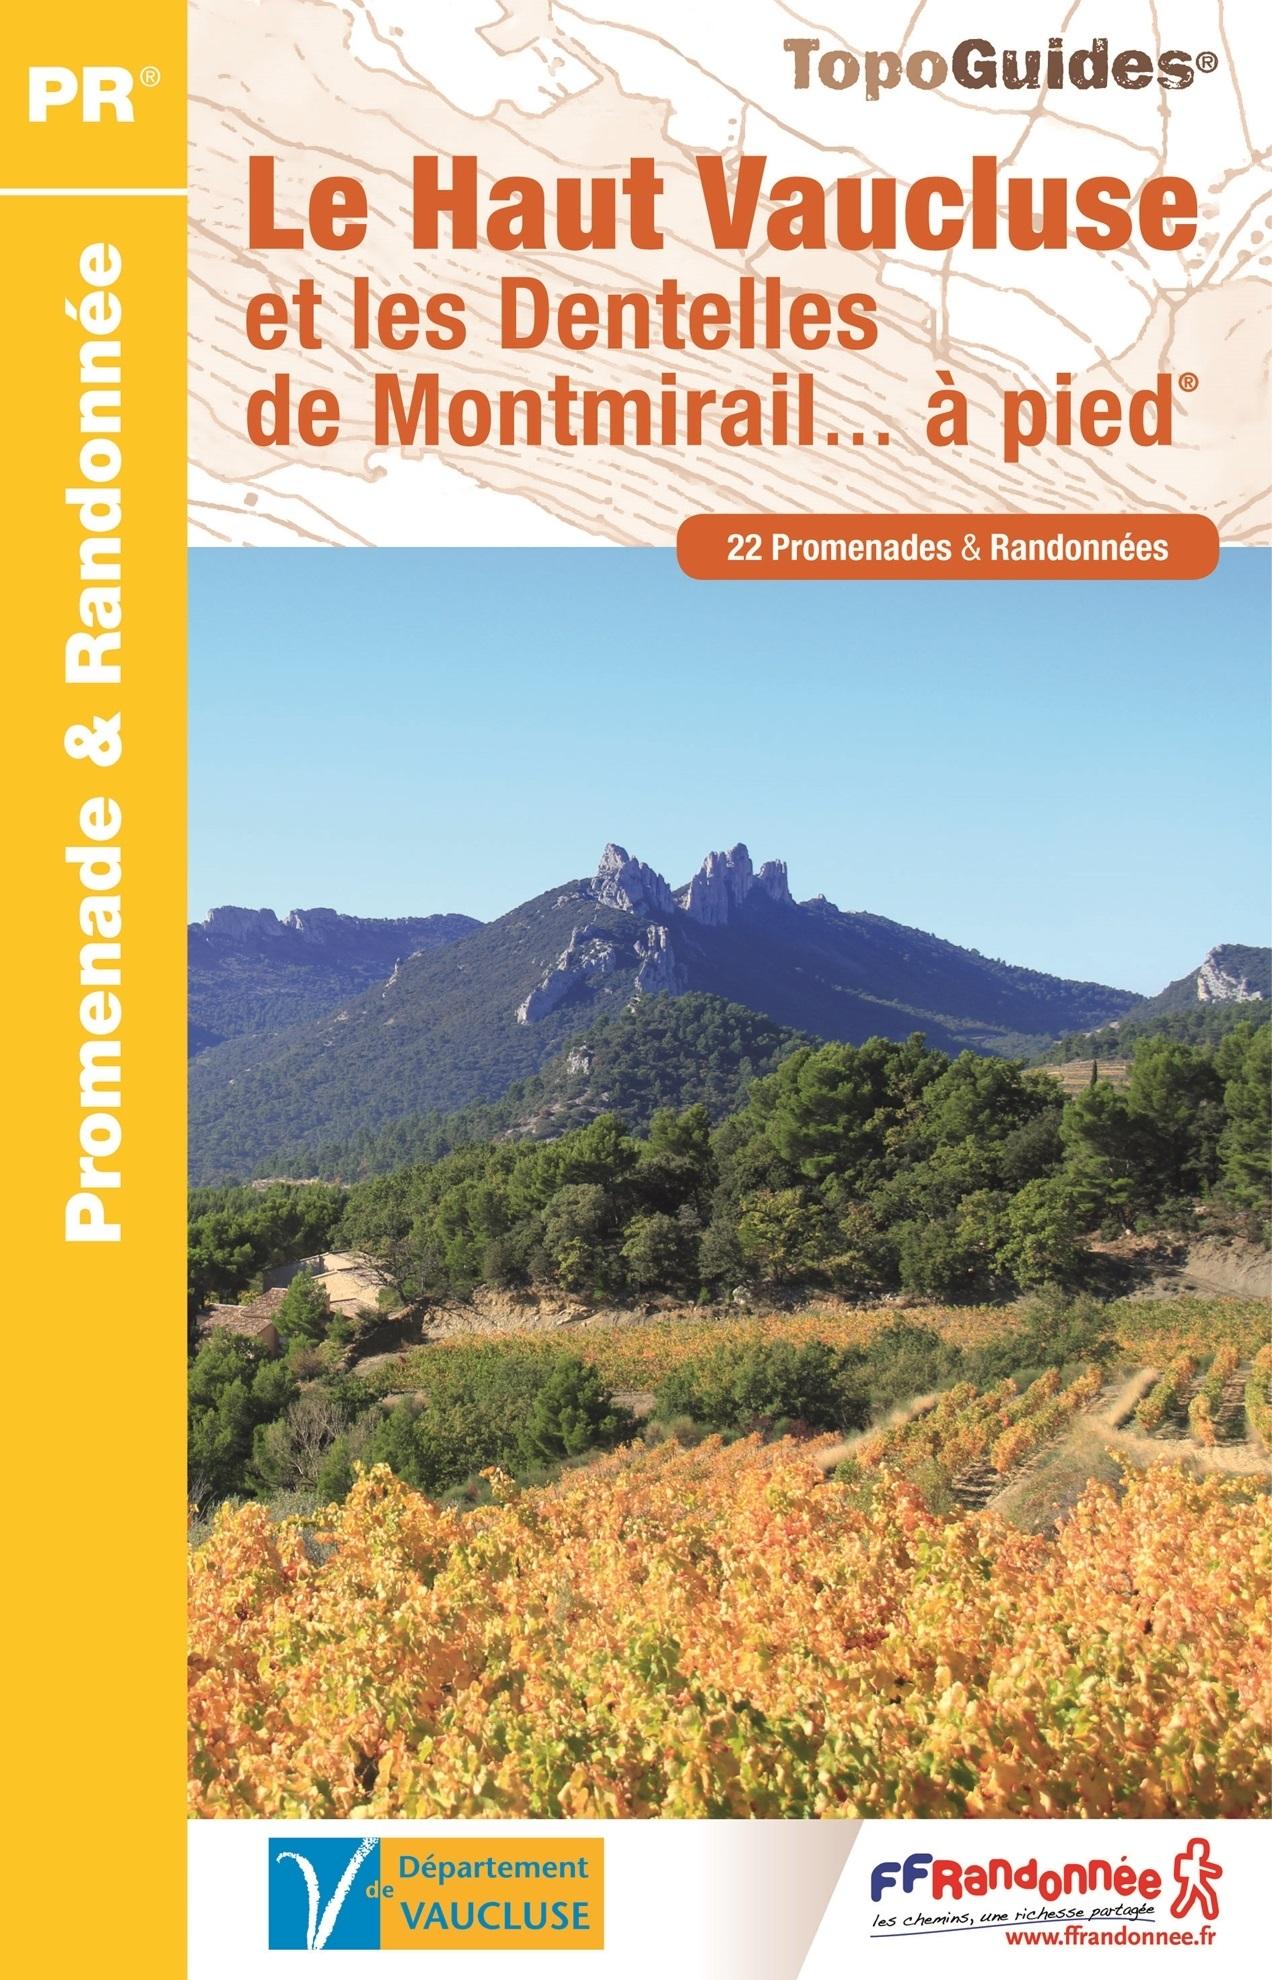 P843 Haut Vaucluse et les Dentelles de Montmirail | wandelgids 9782751408854  FFRP Topoguides  Wandelgidsen Provence, Marseille, Camargue